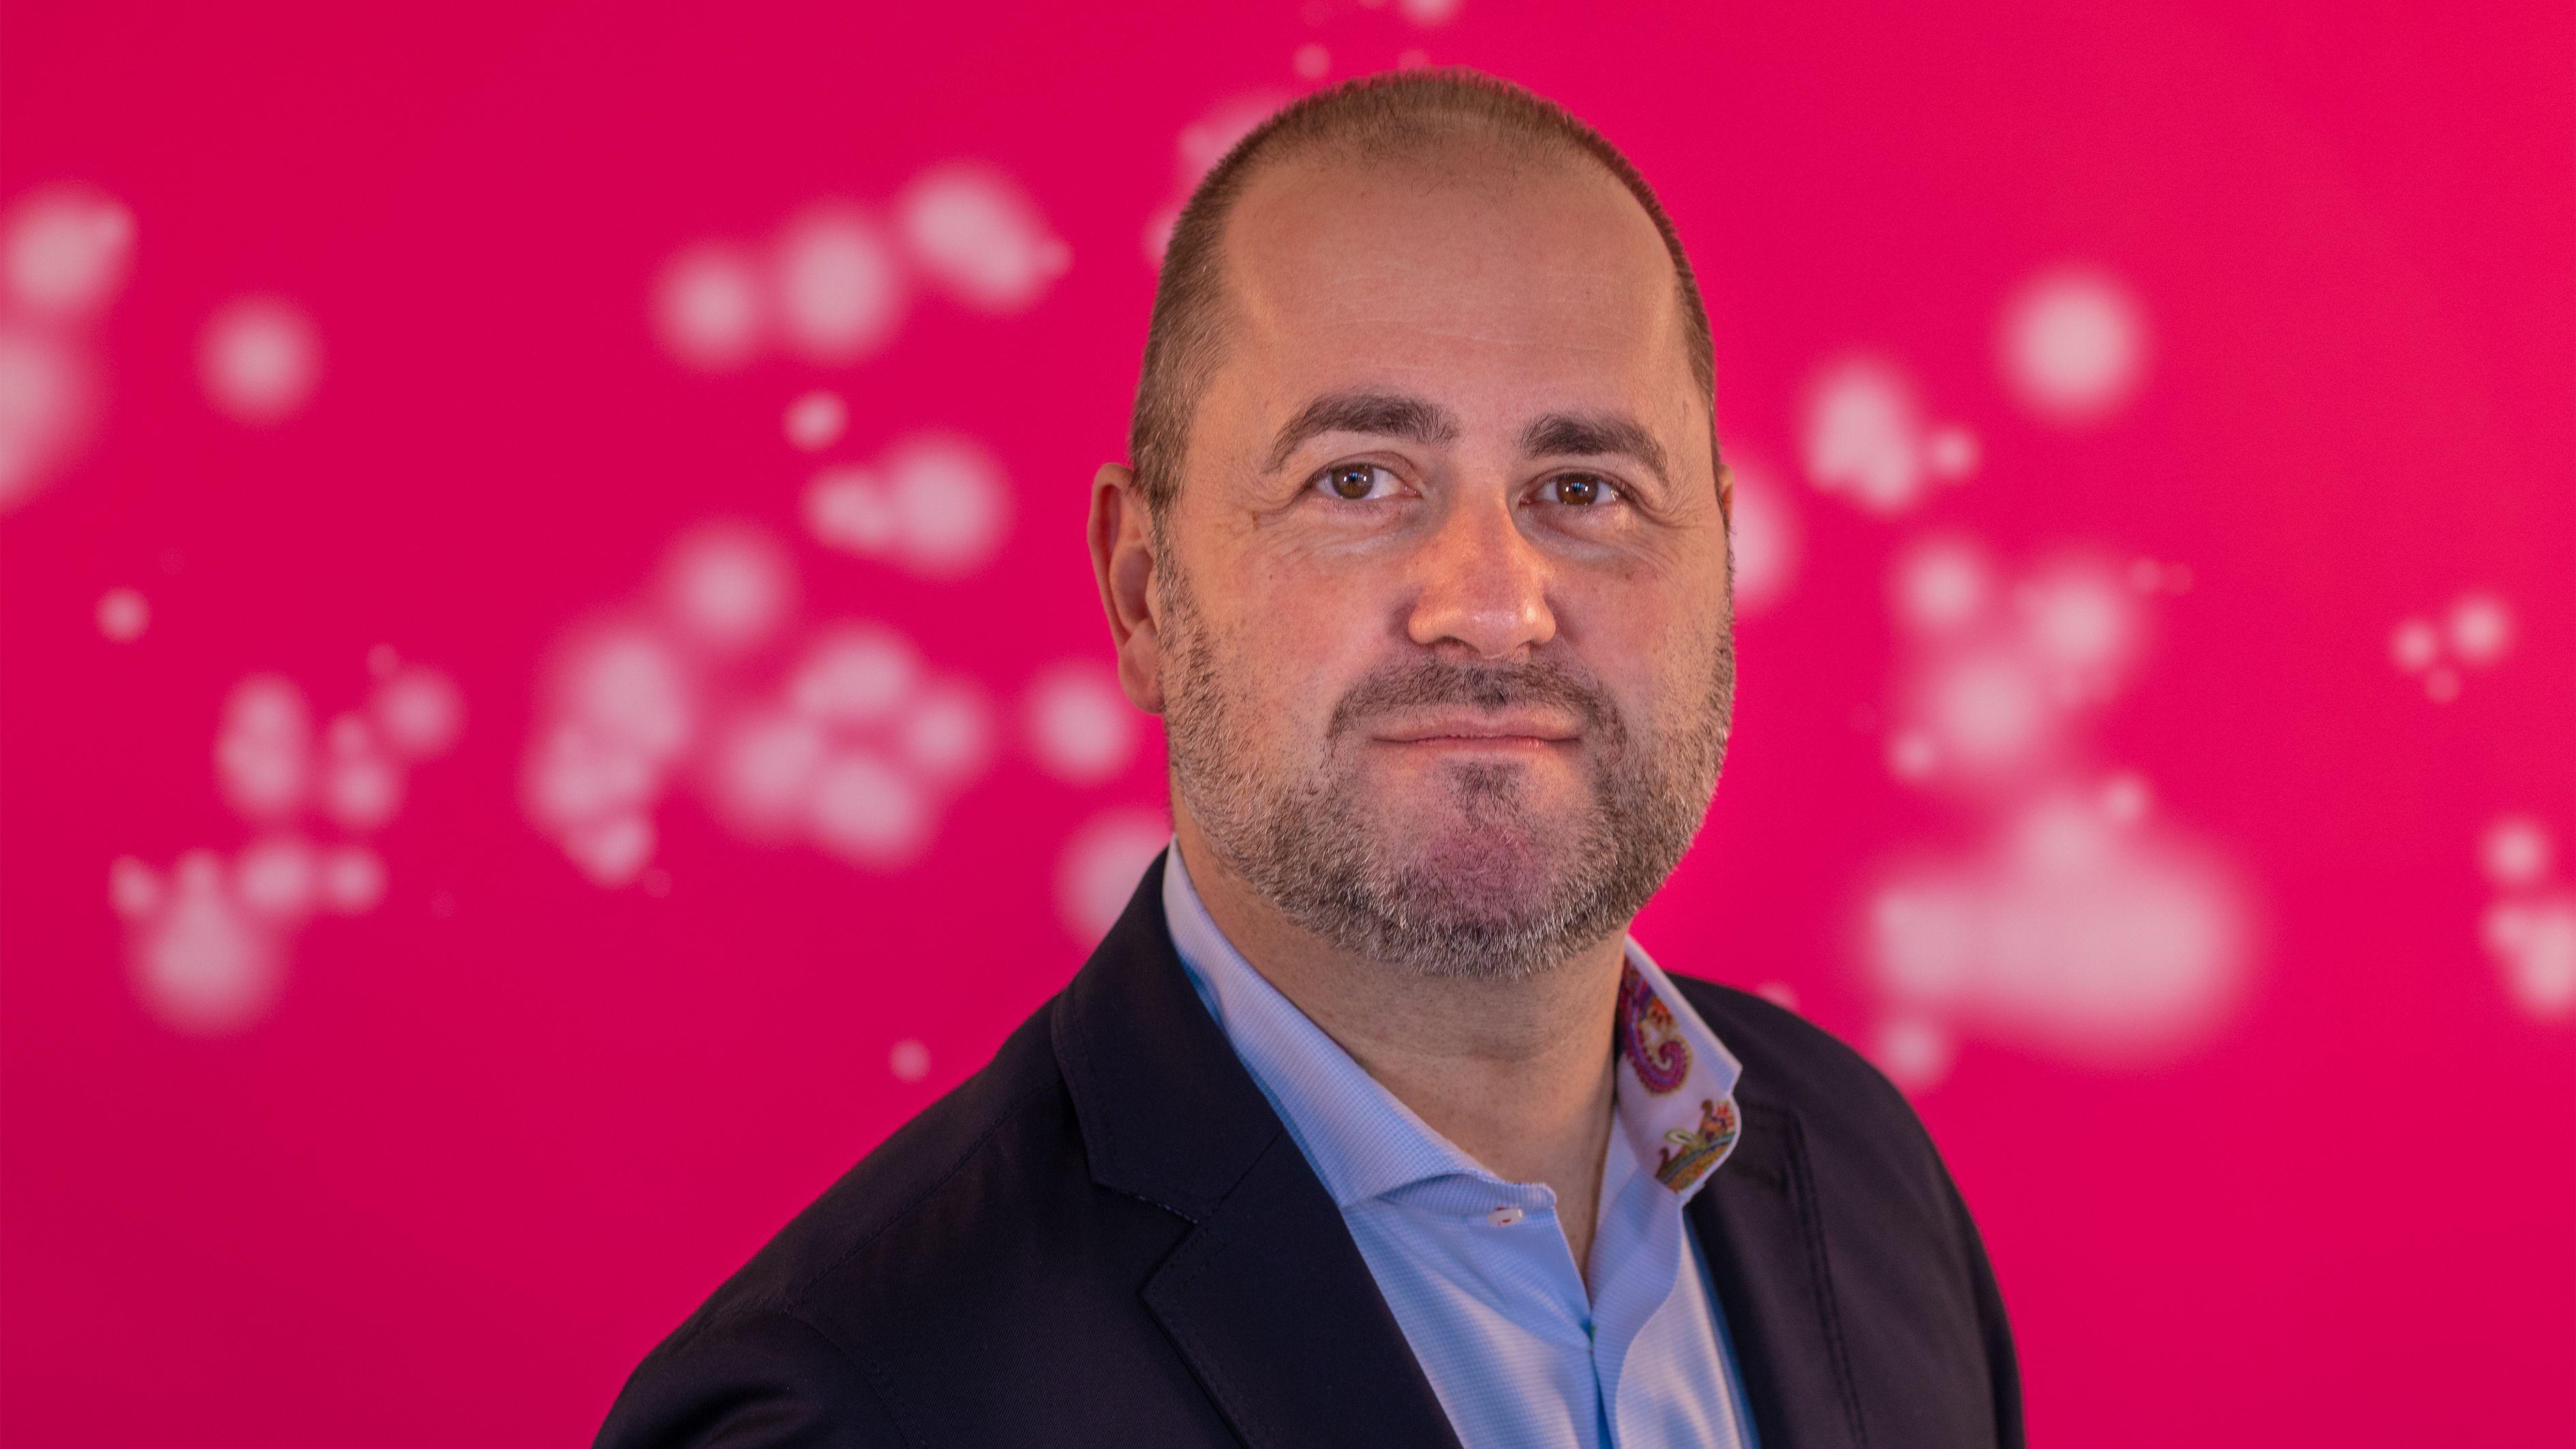 MagentaTV: Telekom-Marketer Michael Schuld wird neuer Chef der TV-Sparte